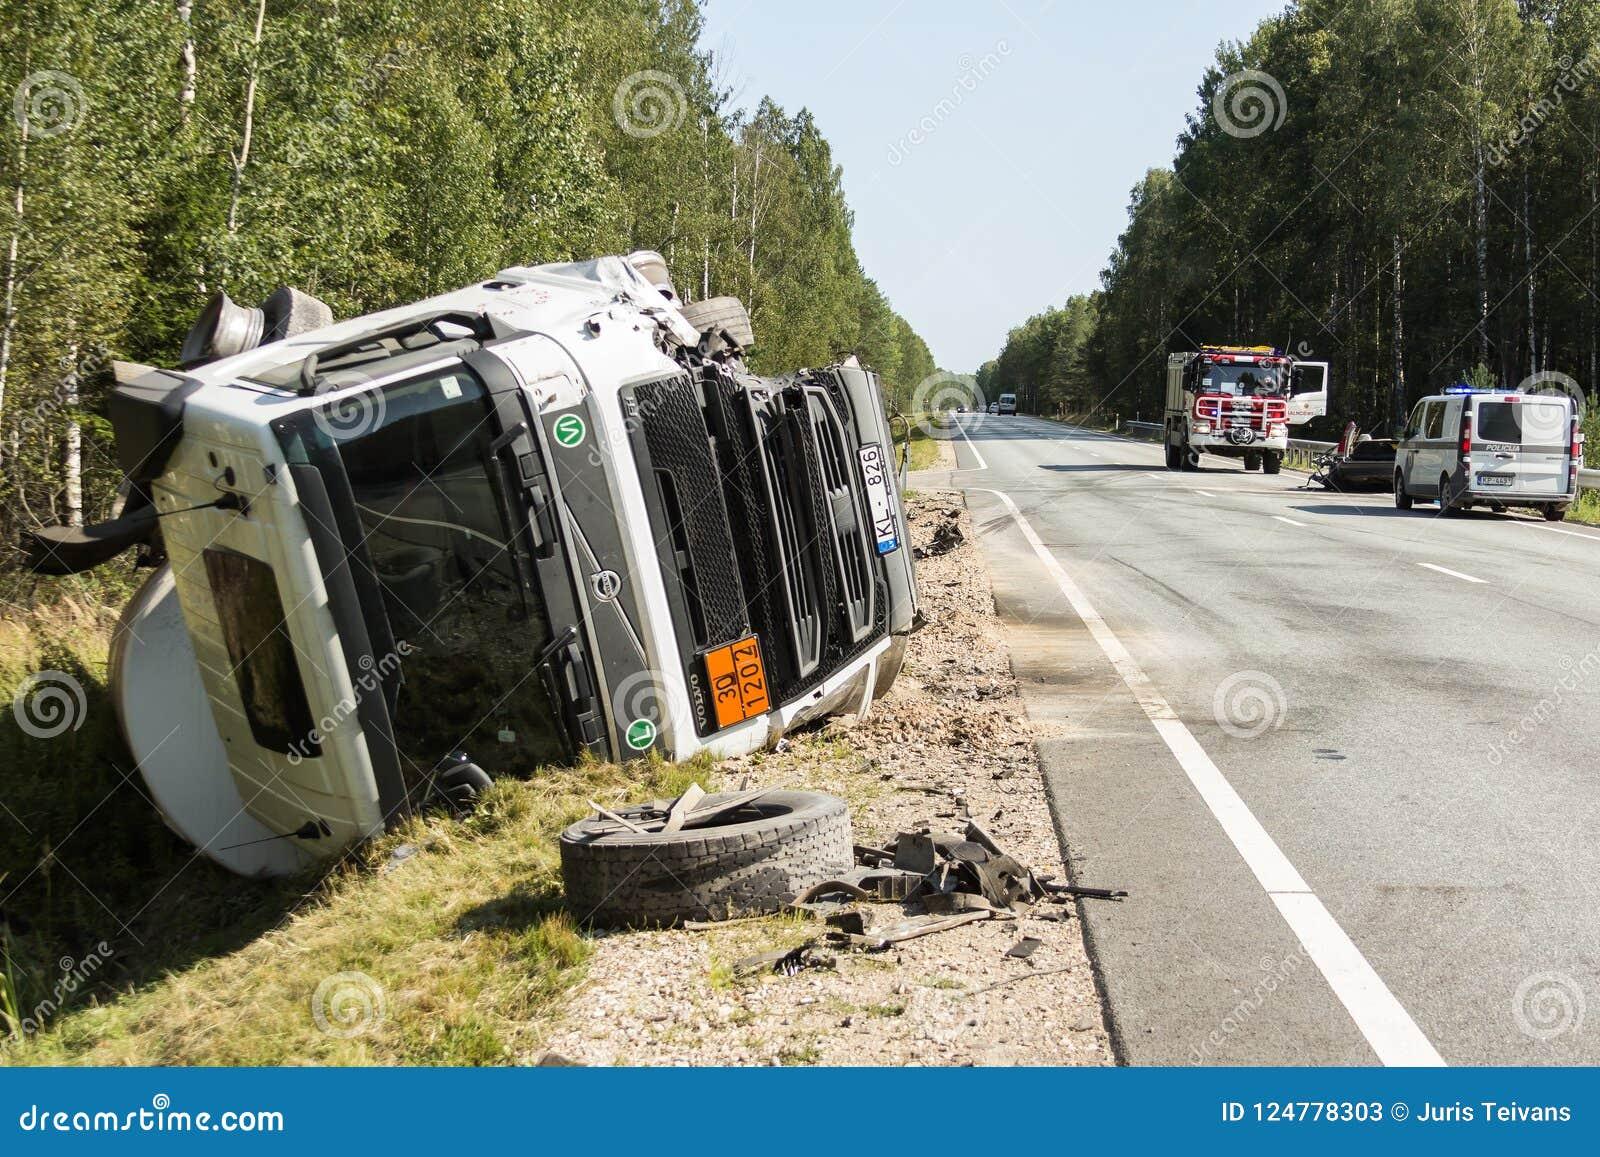 μετωπική σύγκρουση της VOLVO και του φορτηγού με το βυτιοφόρο για τη μεταφορά της βενζίνης , στη Λετονία στο A9 δρόμο, στις 17 Αυ